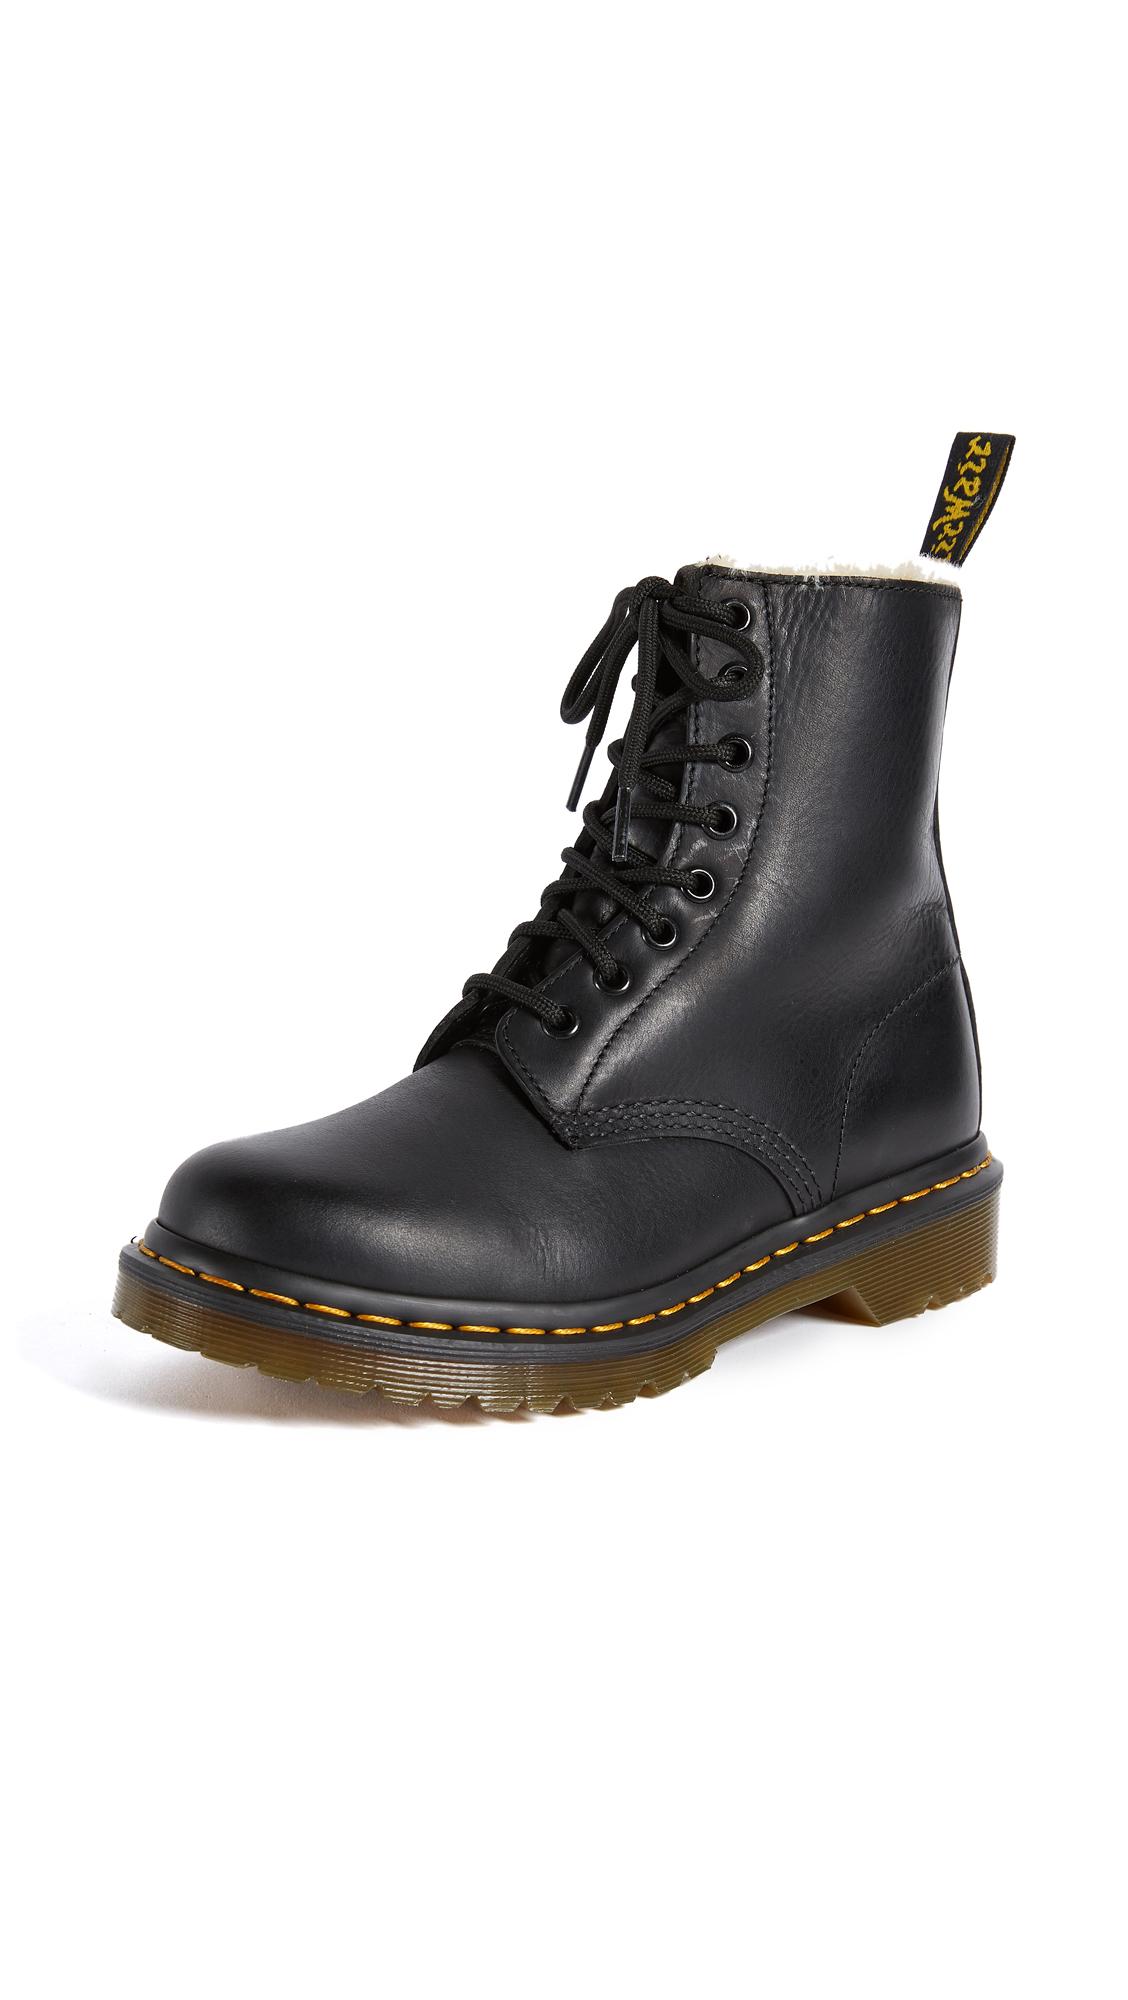 Buy Dr. Martens 1460 Serena 8 Eye Sherpa Boots online, shop Dr. Martens